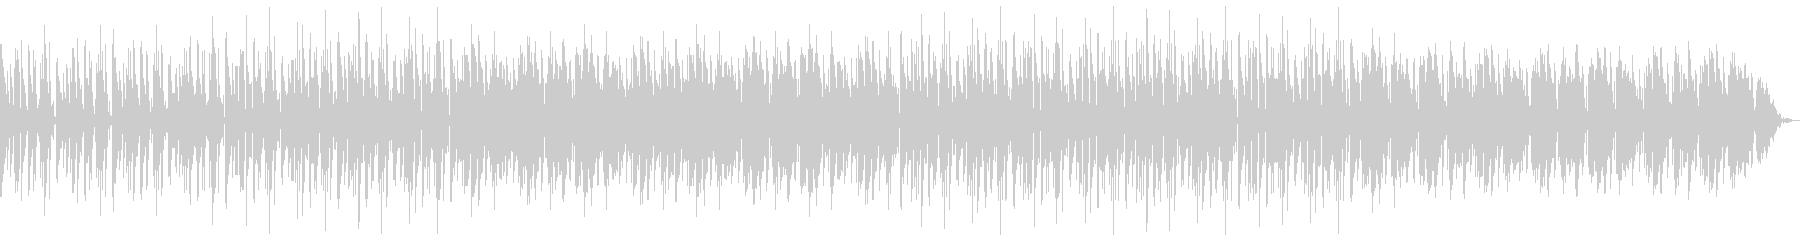 明るめのドラムンベースの未再生の波形